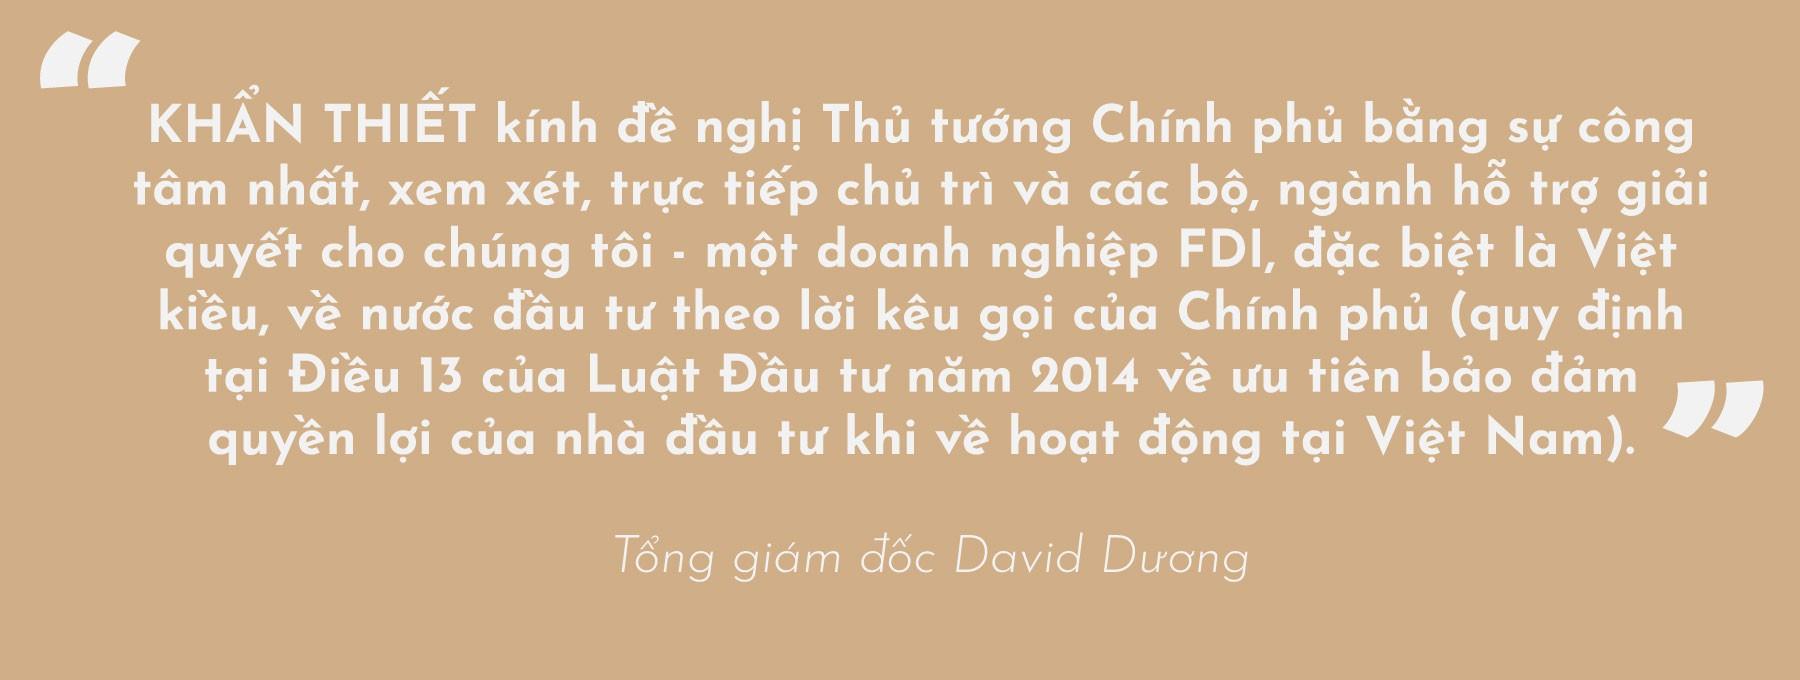 """(eMagazine) - Vì sao """"vua rác"""" David Dương cầu cứu Thủ tướng? - Ảnh 14."""